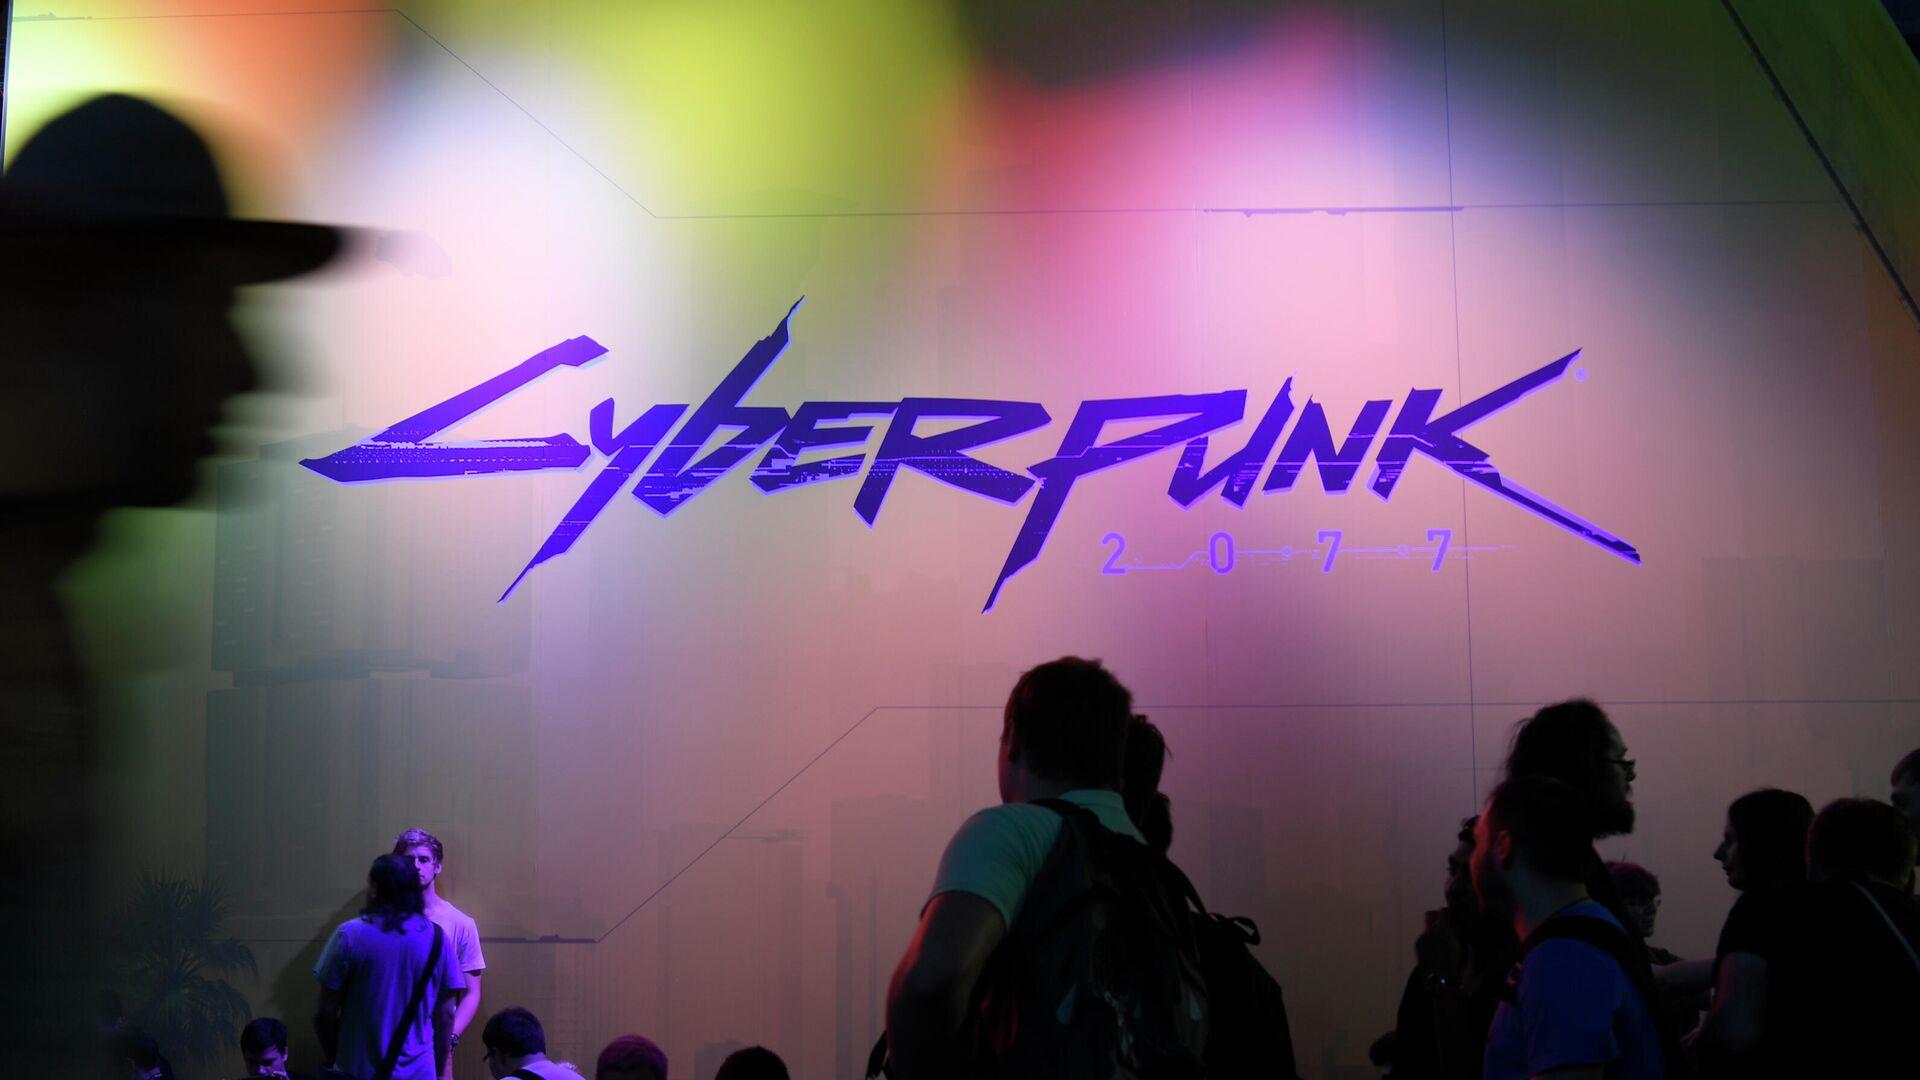 Der Stand des Rollenspiels Cyberpunk 2077 auf der Videospielmesse Gamescom in Köln (Archivbild) - SNA, 1920, 03.02.2021